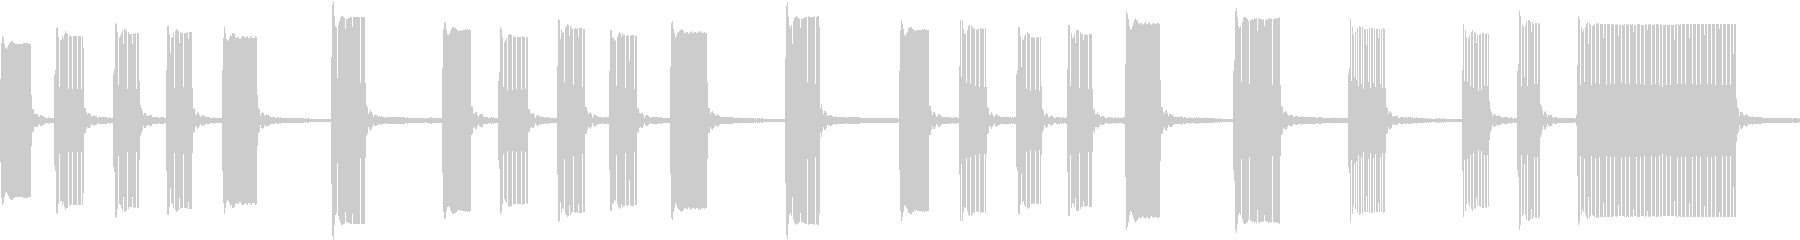 ファミコン 気の抜けた シンプルの未再生の波形